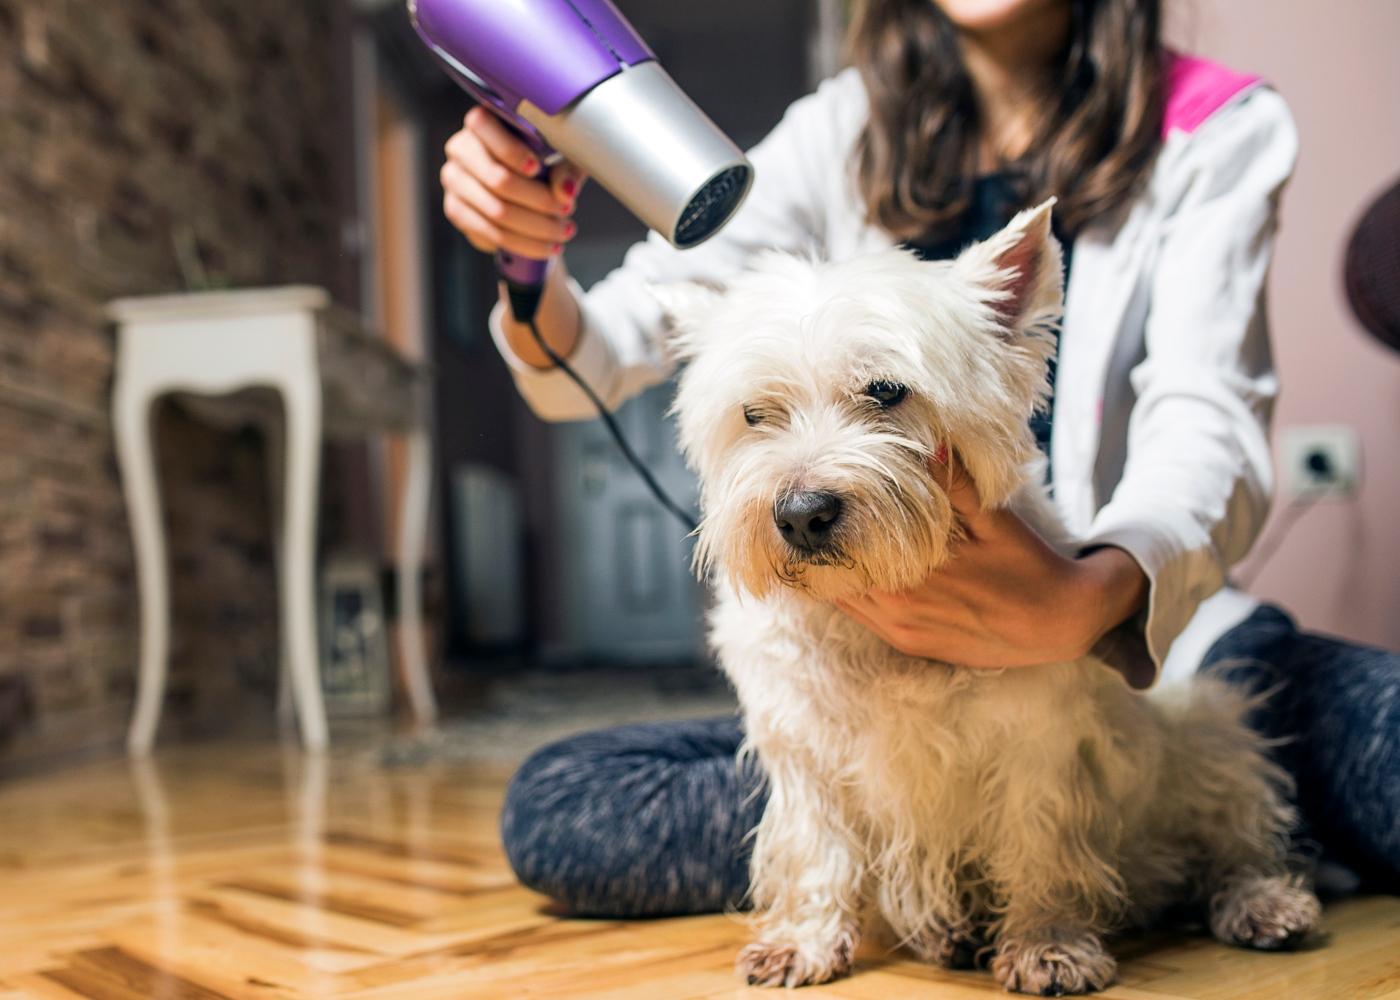 Mulher a secar patudo com secador para evitar o cheiro a cão